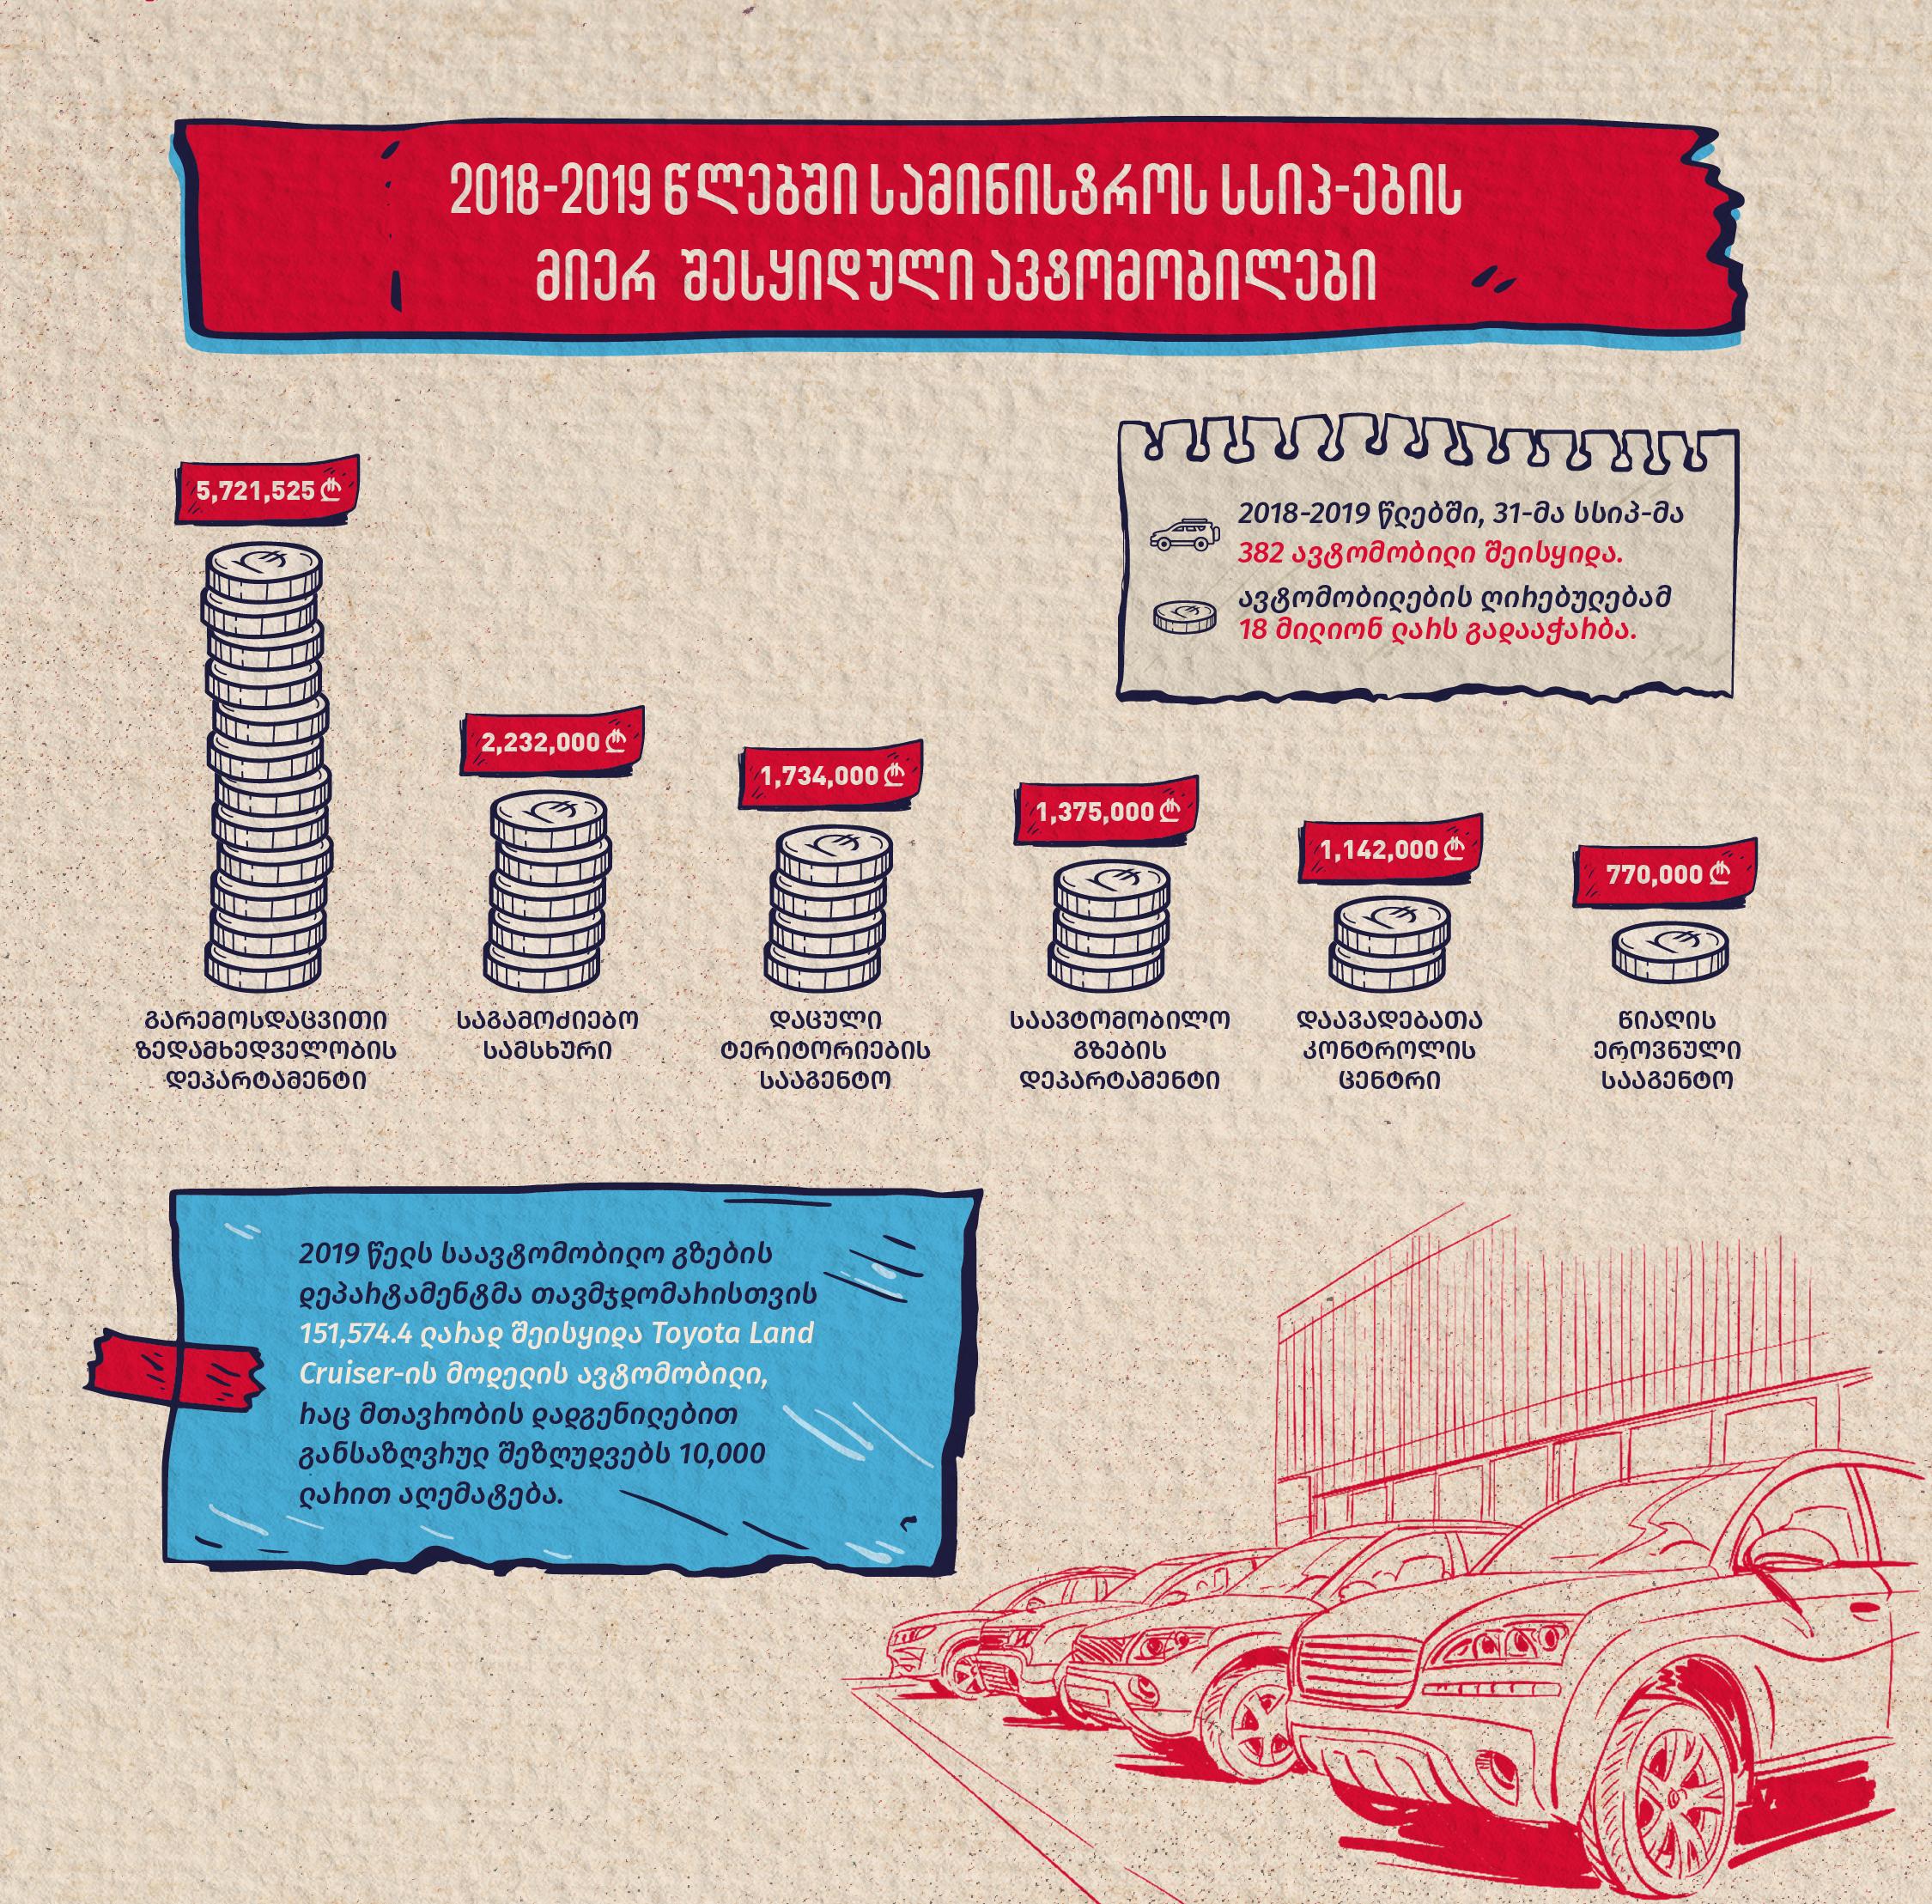 სსიპ-ების და სხვა დამოუკიდებელი საჯარო დაწესებულებების ავტოპარკი და საწვავის ხარჯები